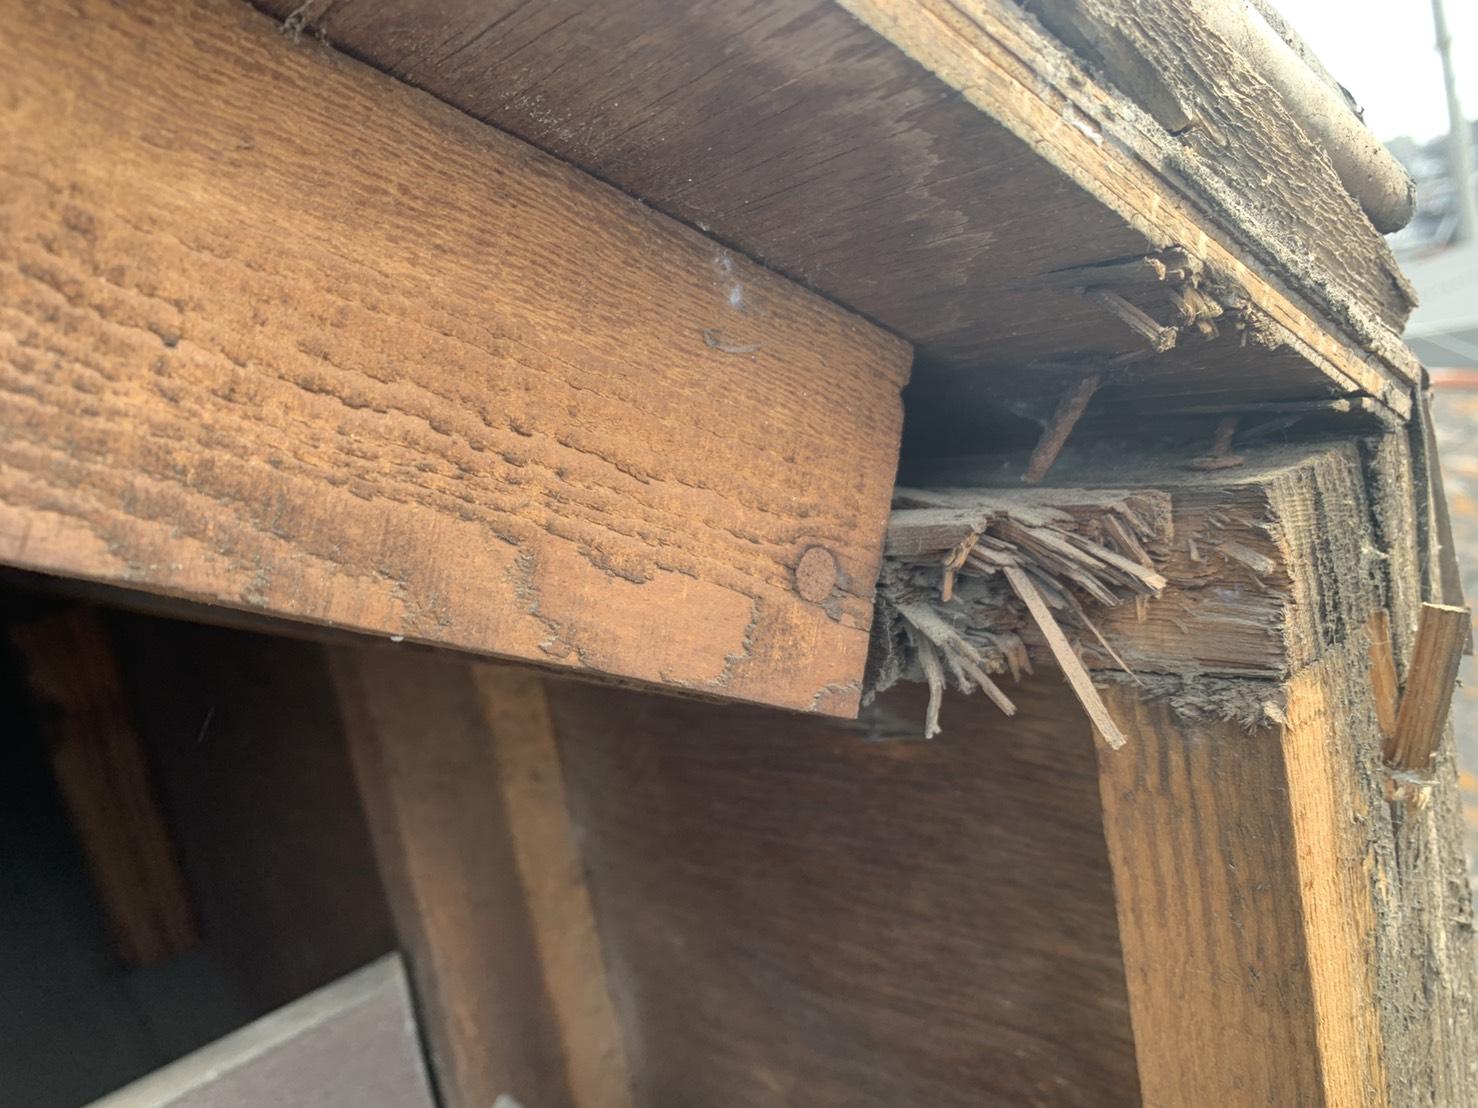 鳩小屋の下地木材が腐食している様子